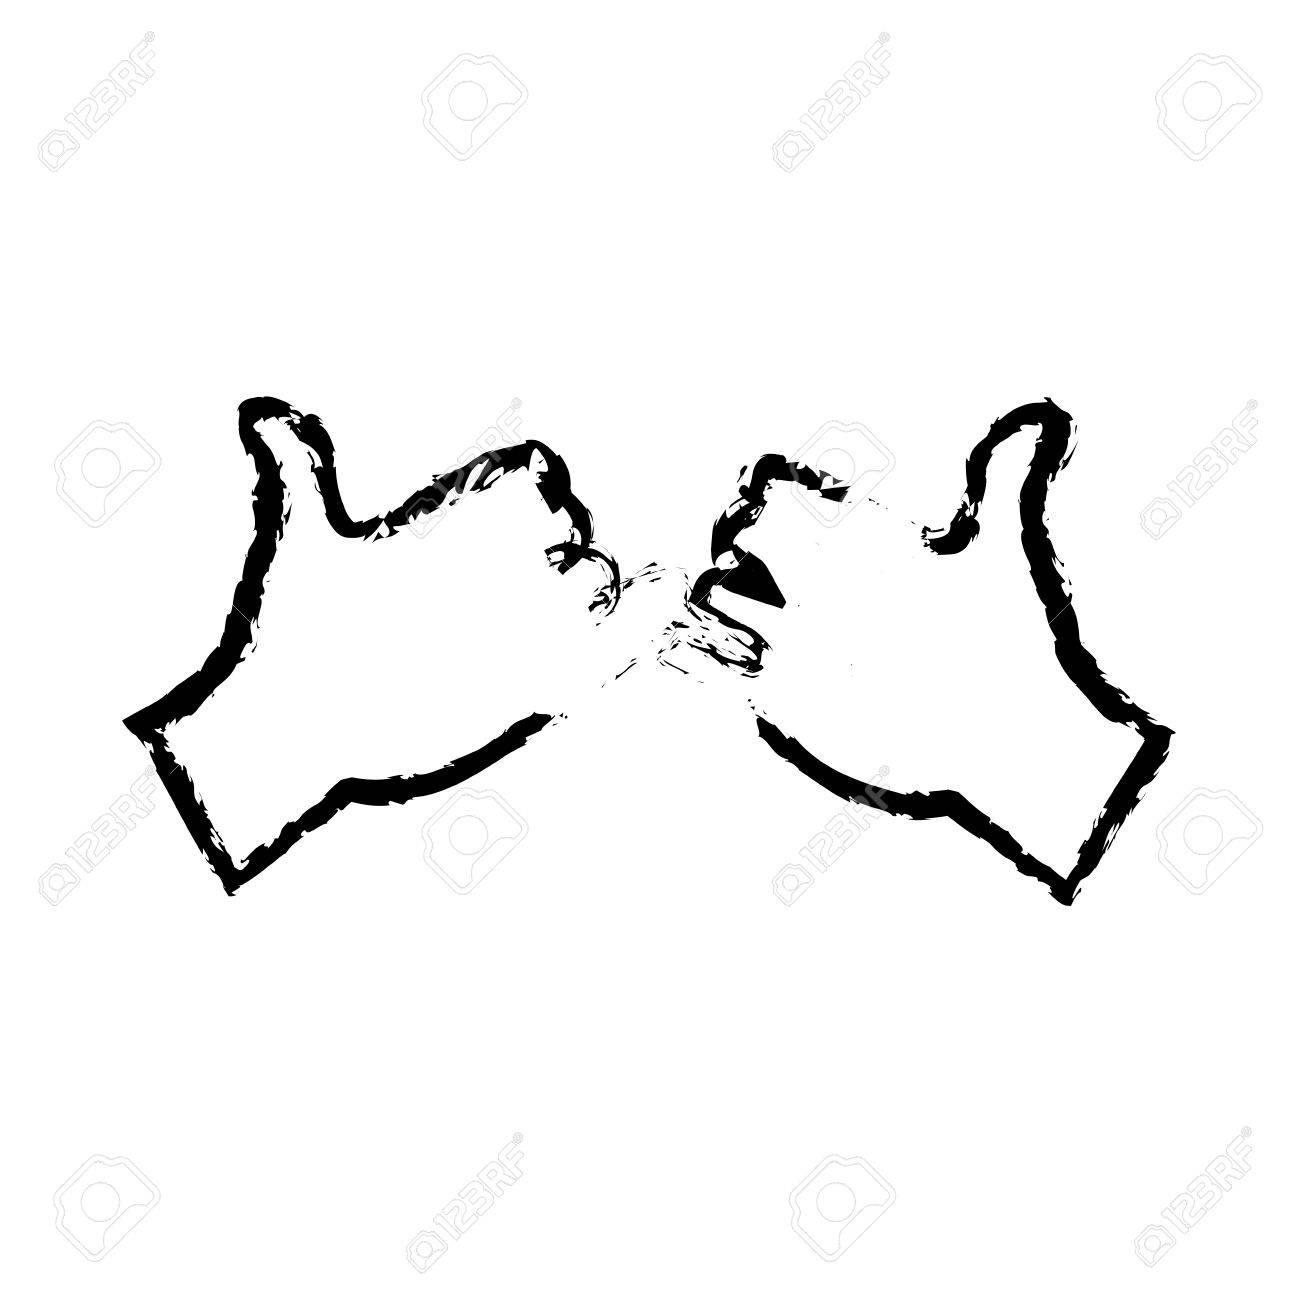 小指の約束ジェスチャー アイコン ベクトル イラスト描画の手のイラスト